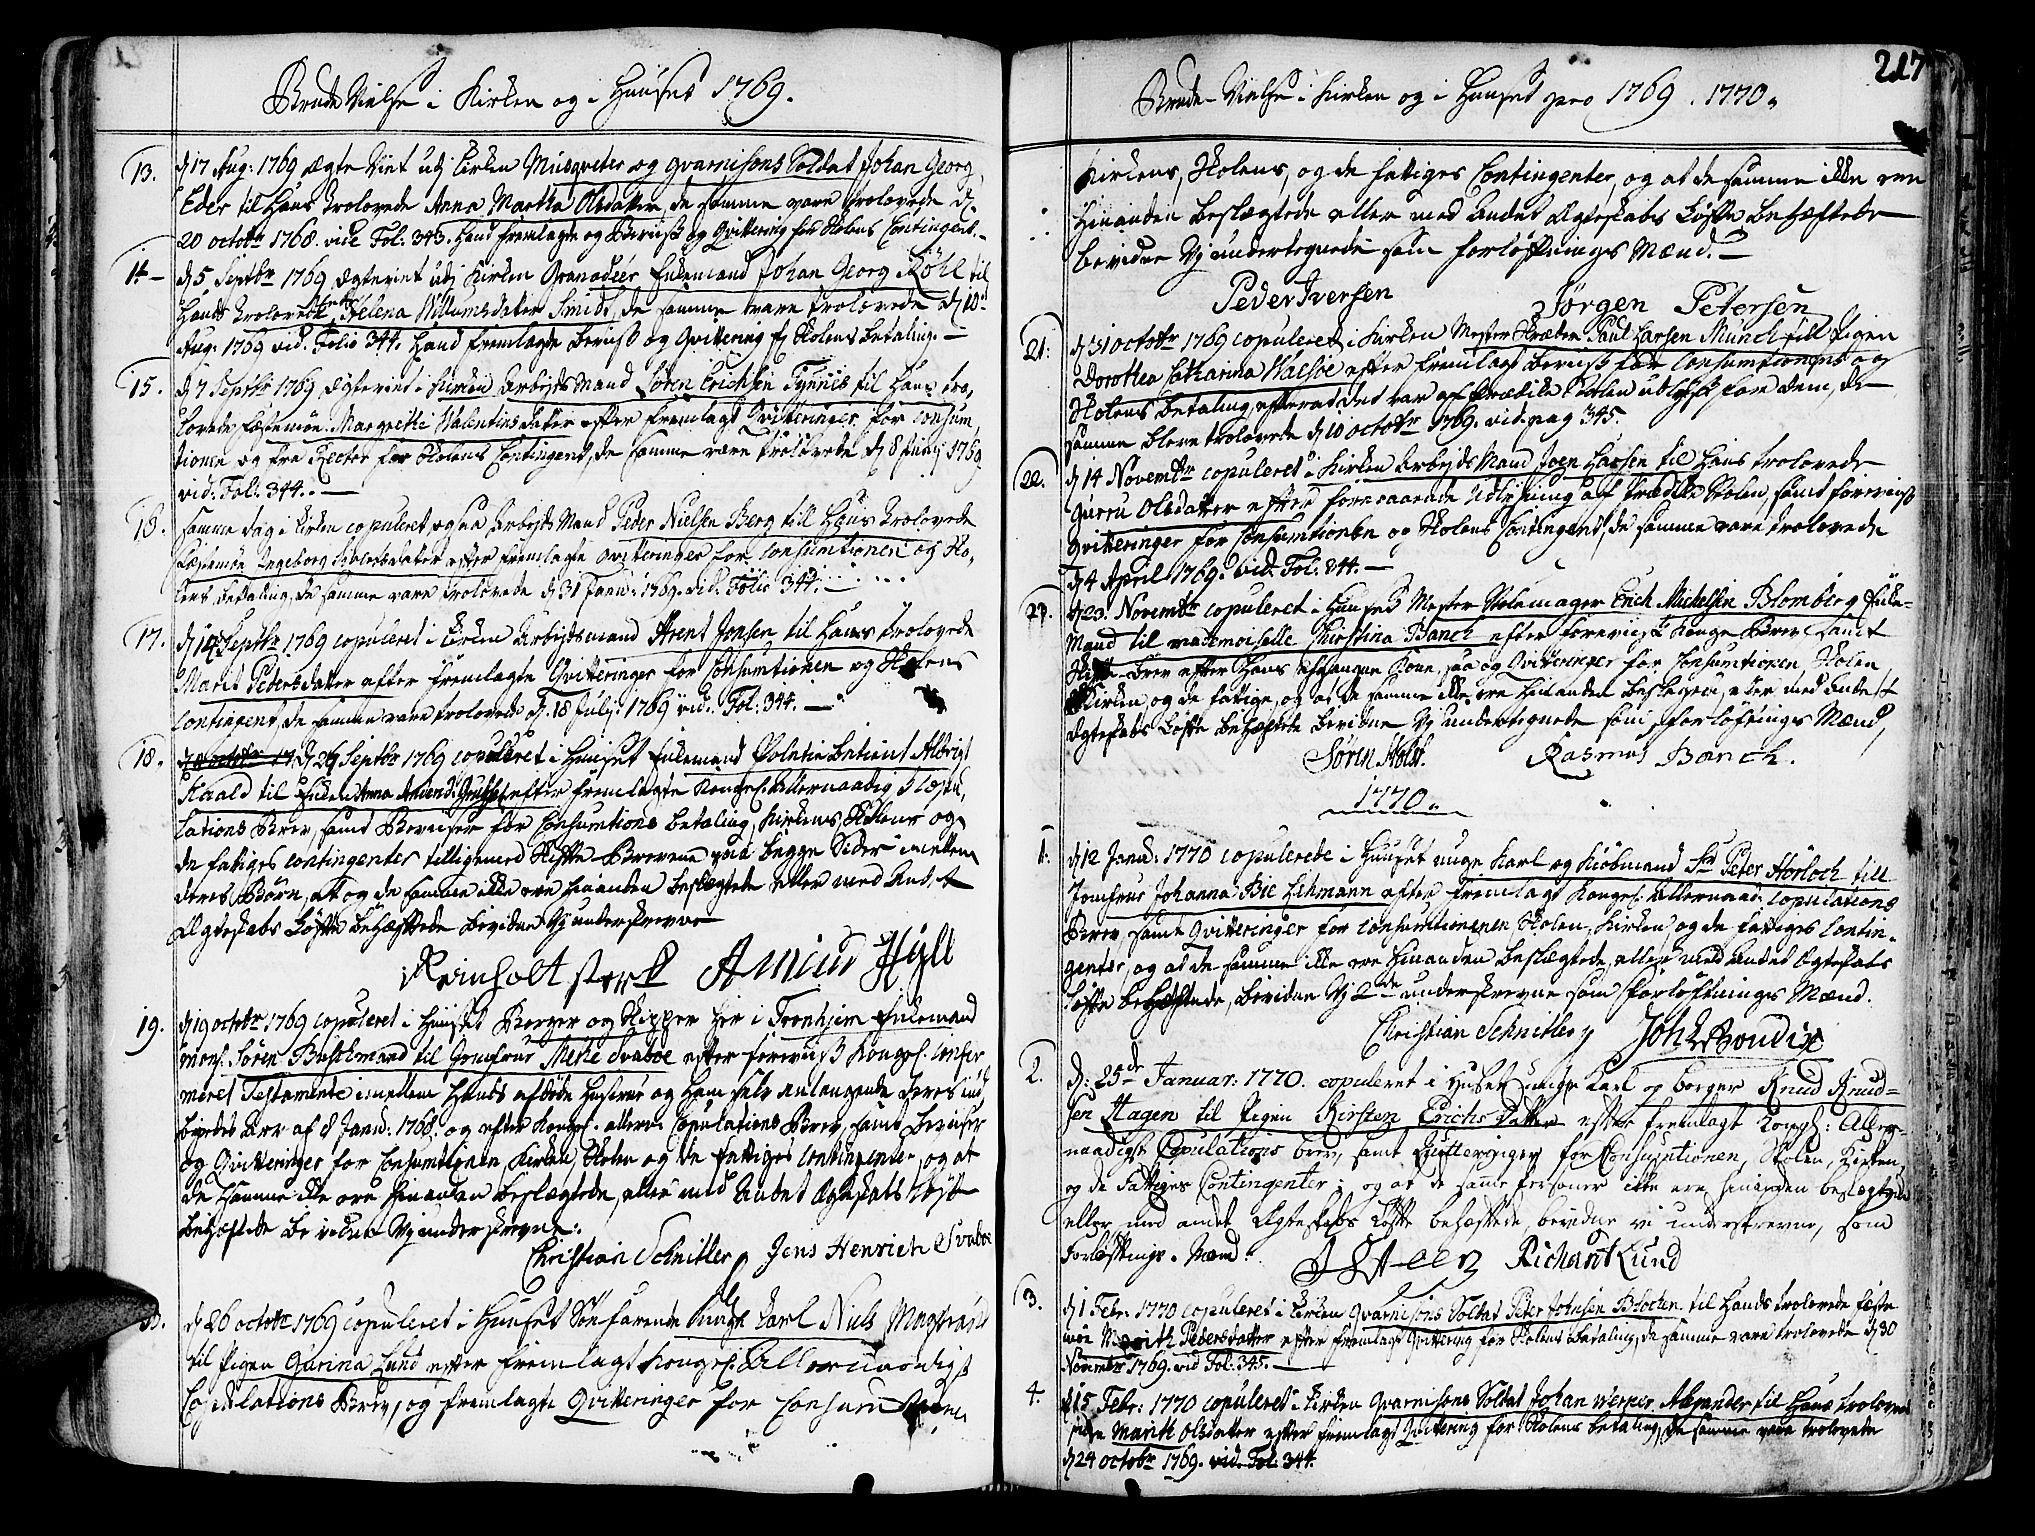 SAT, Ministerialprotokoller, klokkerbøker og fødselsregistre - Sør-Trøndelag, 602/L0103: Ministerialbok nr. 602A01, 1732-1774, s. 217